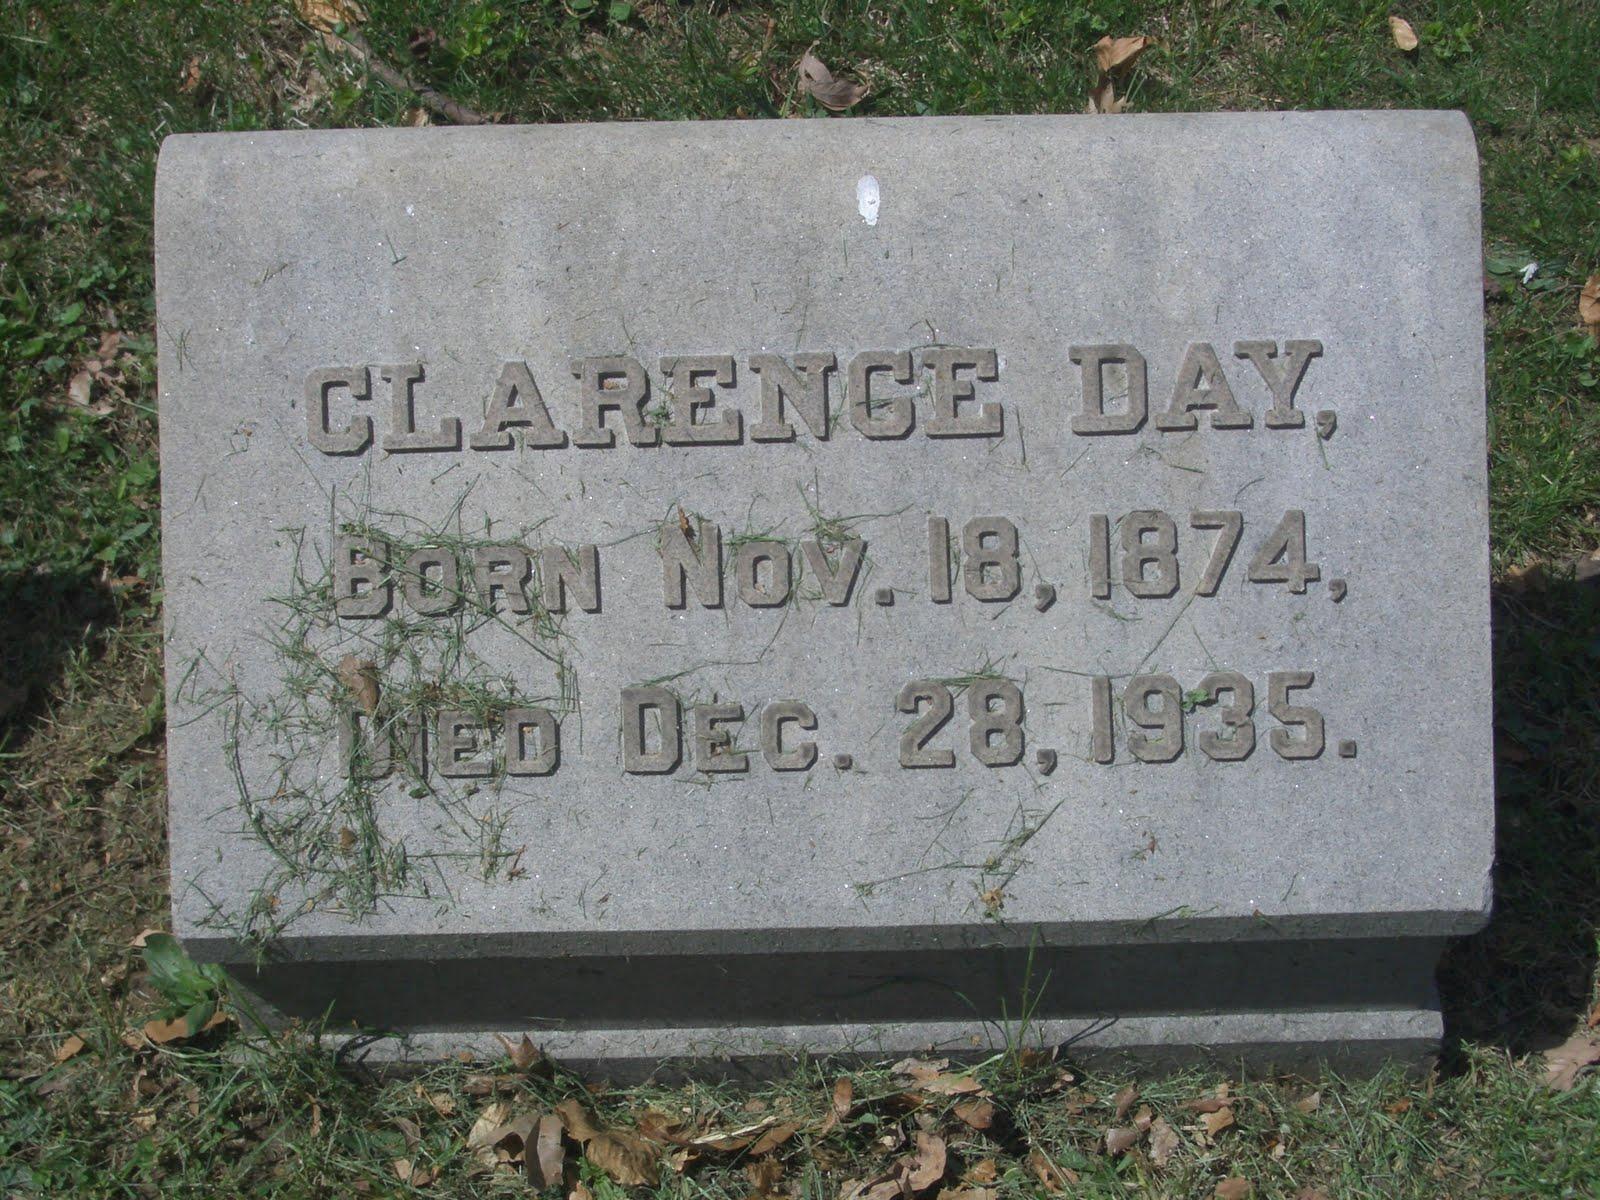 http://1.bp.blogspot.com/-KJhrPyuTlB0/TcAEXqFsu1I/AAAAAAAAAFs/Ewhb0zBHGYA/s1600/Clarence+Day-Footstone.jpg